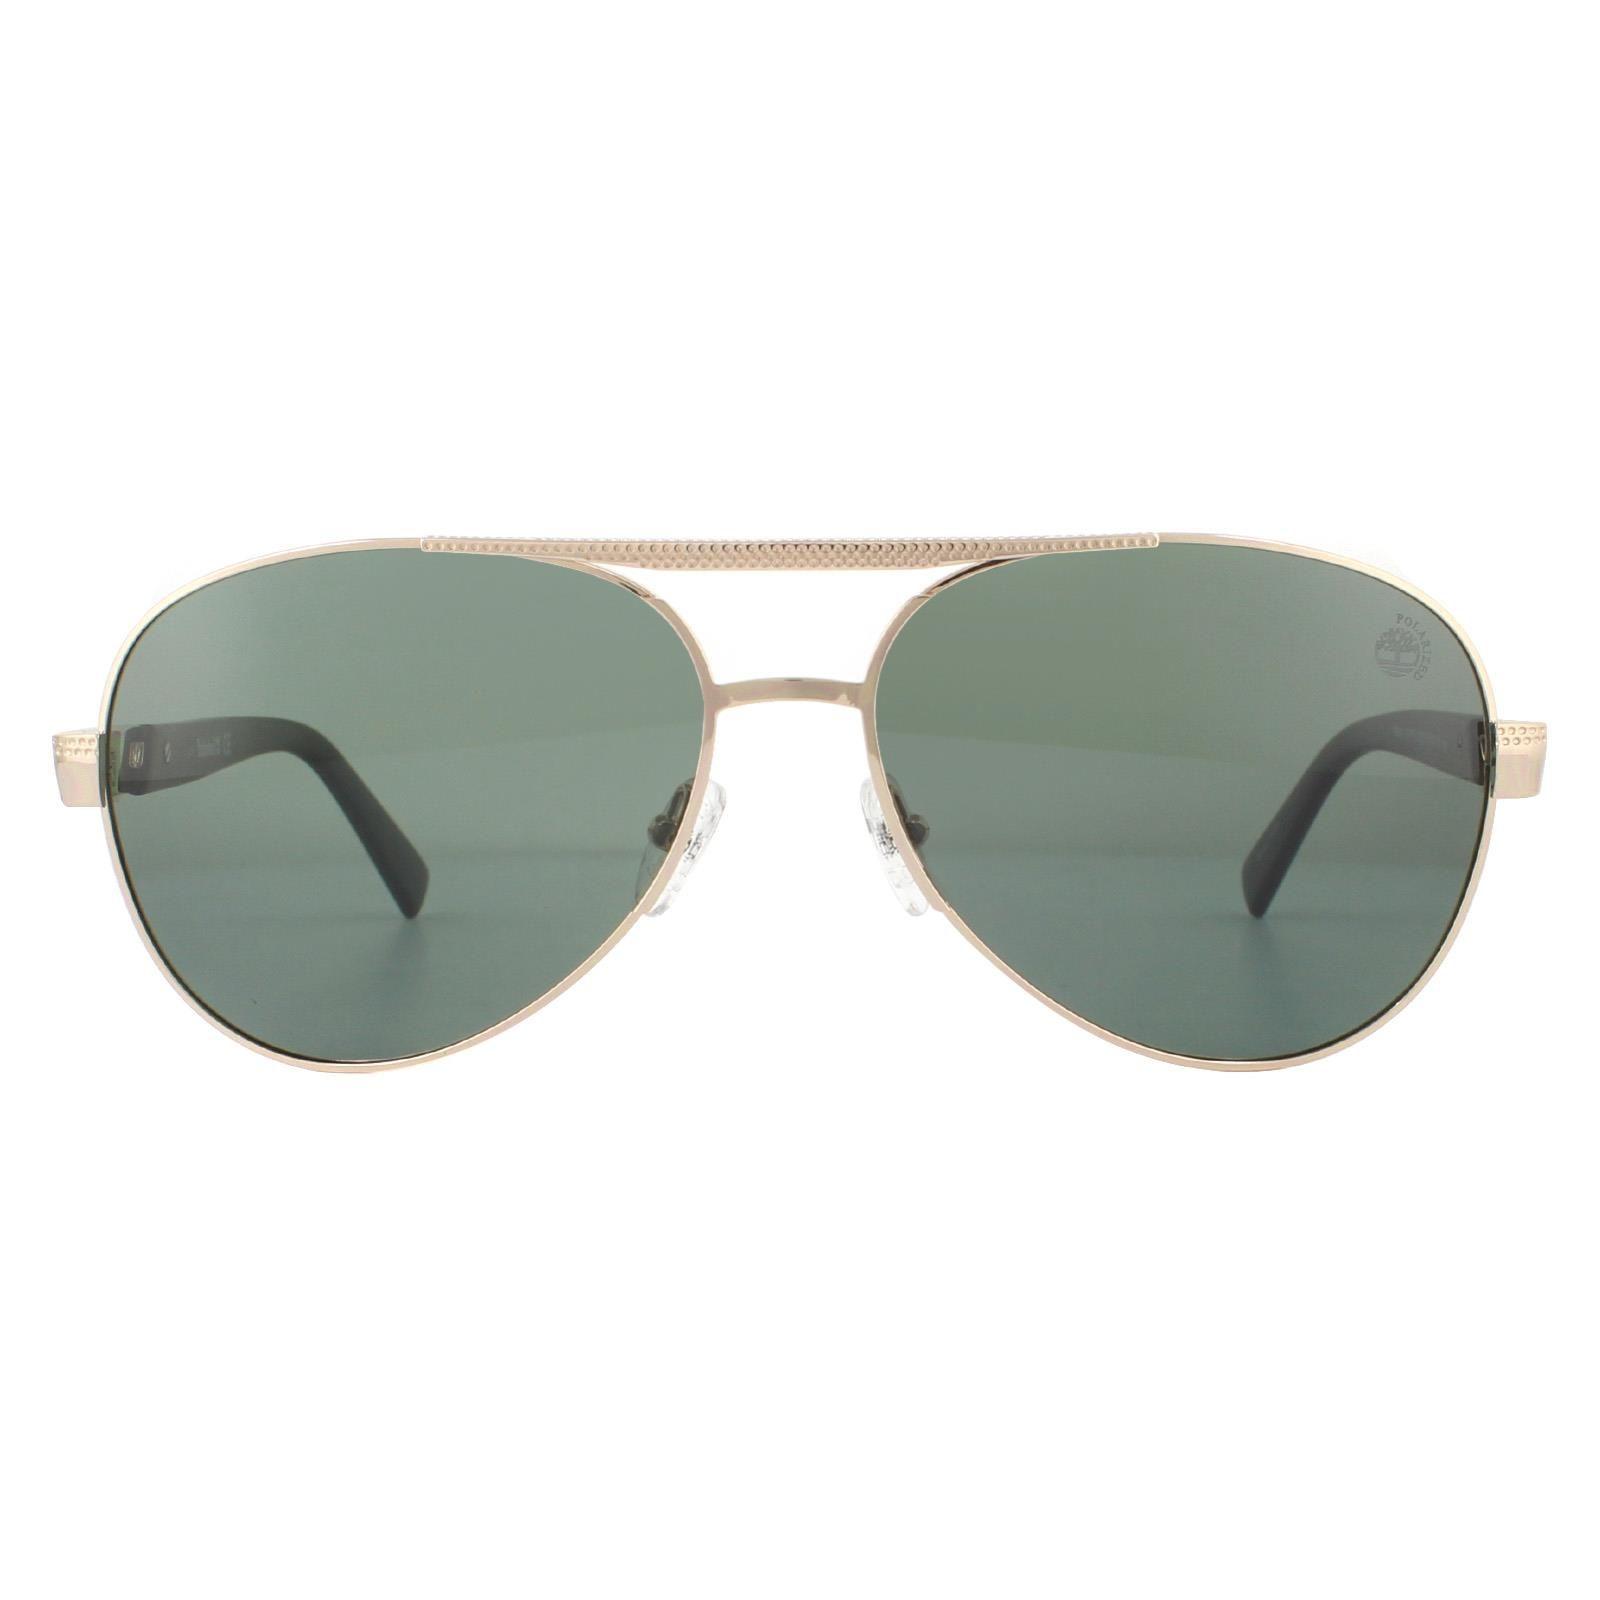 Timberland Sunglasses TB9214 02D Matte Black Smoke Grey Polarized